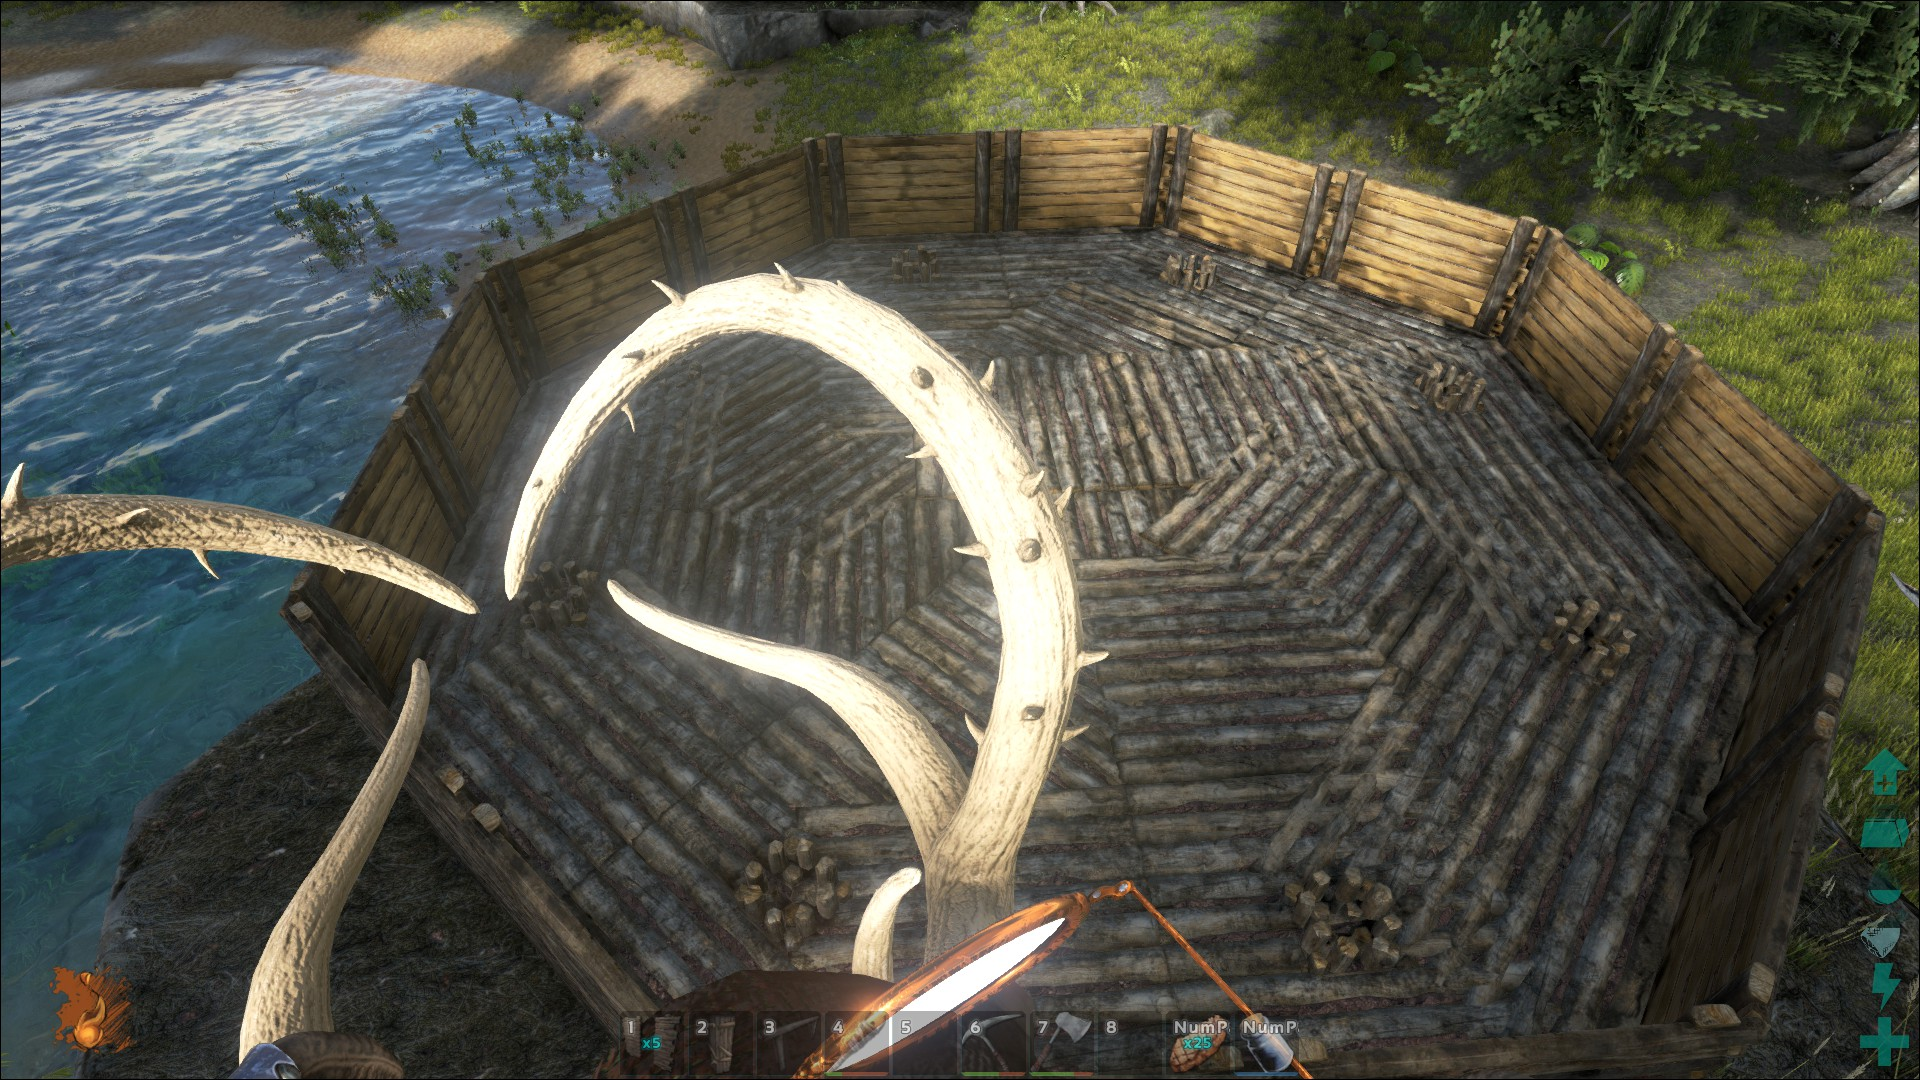 Schöner Wohnen in Ark - Crafting/Bauen - Ark Survival Evolved Forum ...